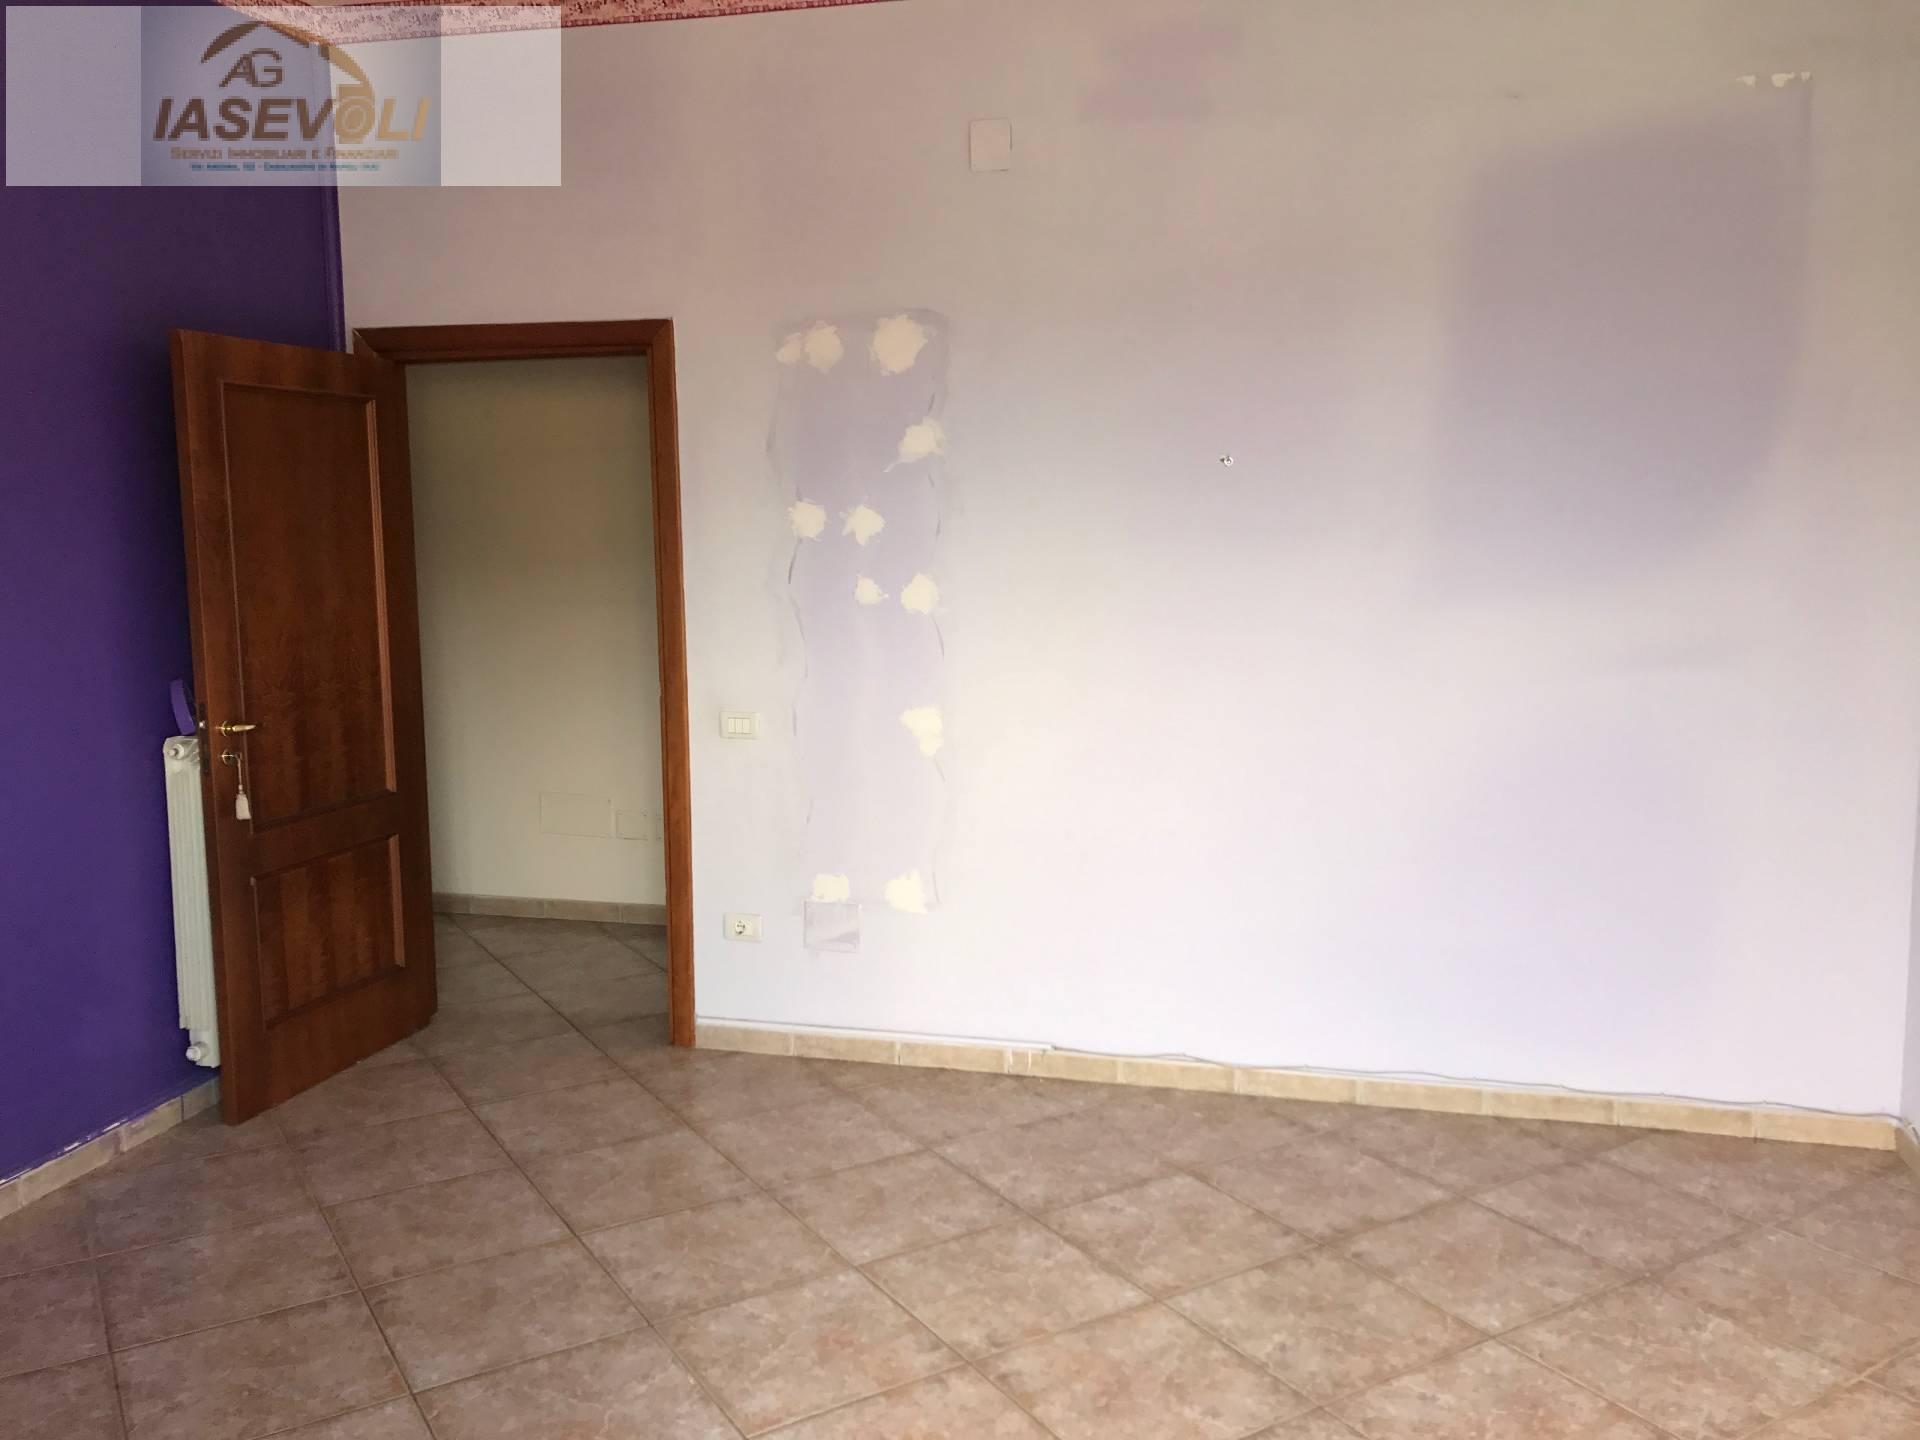 Appartamento in affitto a Casalnuovo di Napoli, 3 locali, prezzo € 430 | Cambio Casa.it